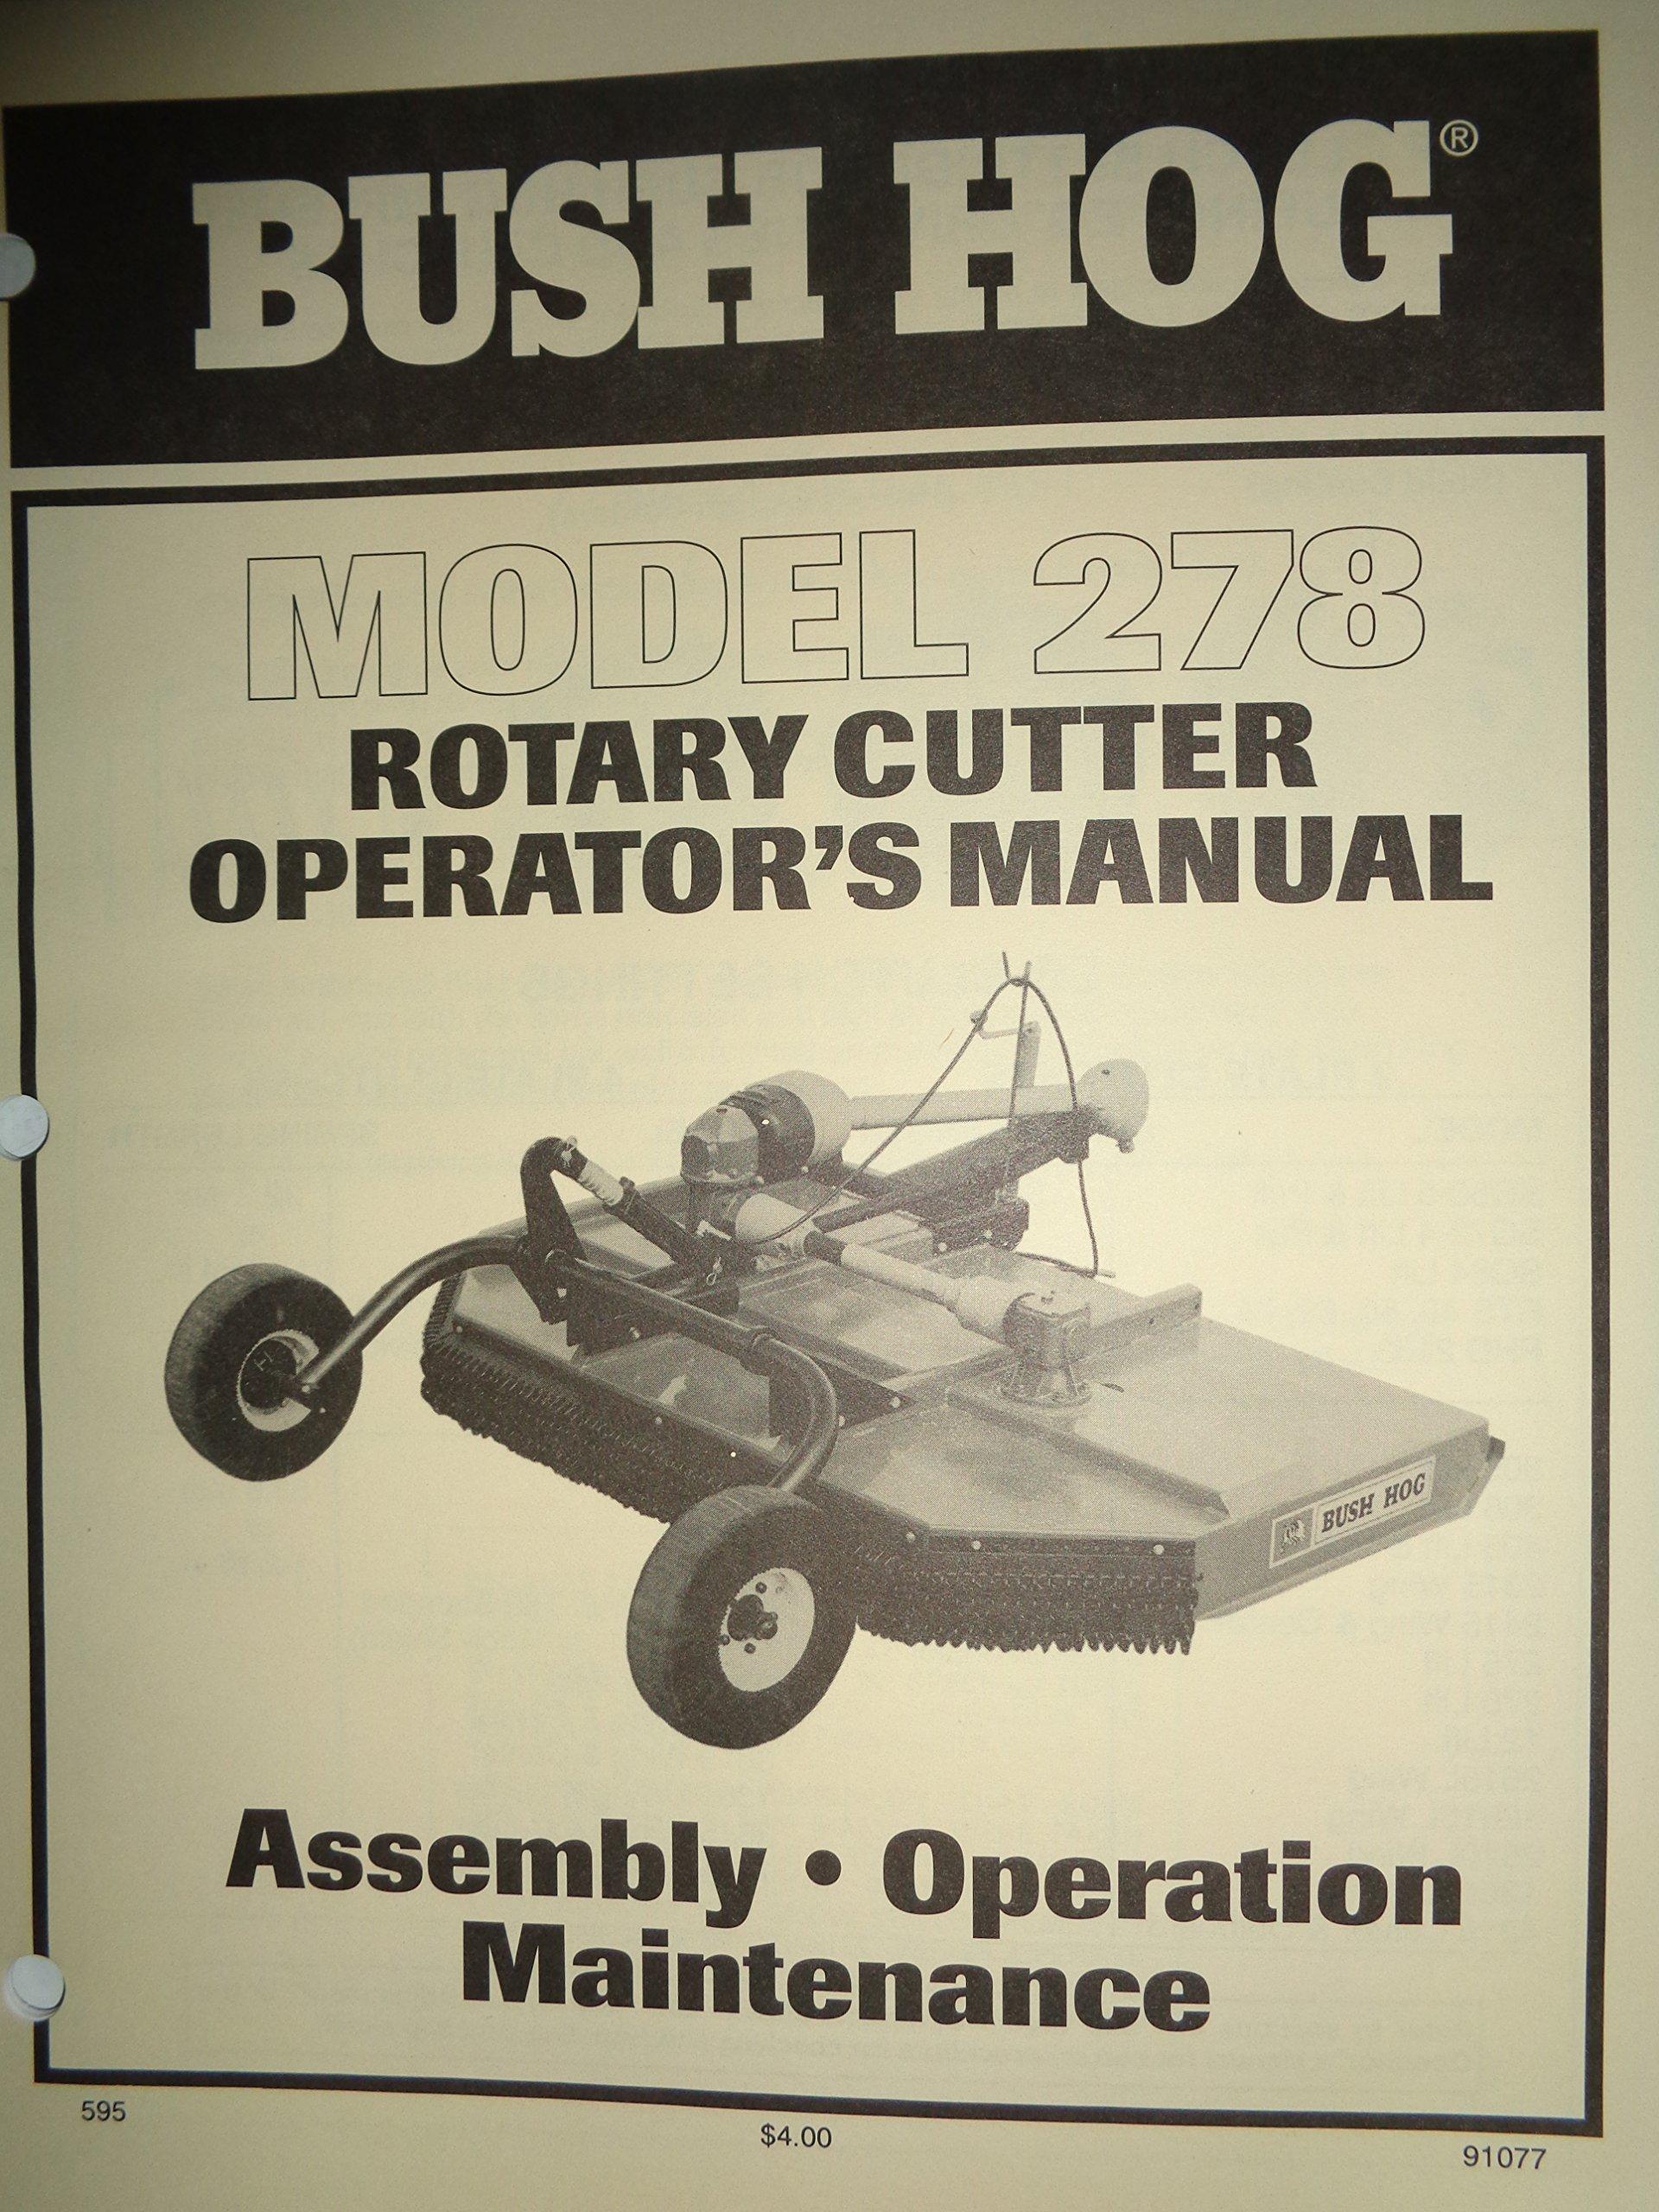 Bush Hog Model 278 Rotary Cutter Mower Operators Manual 5/95